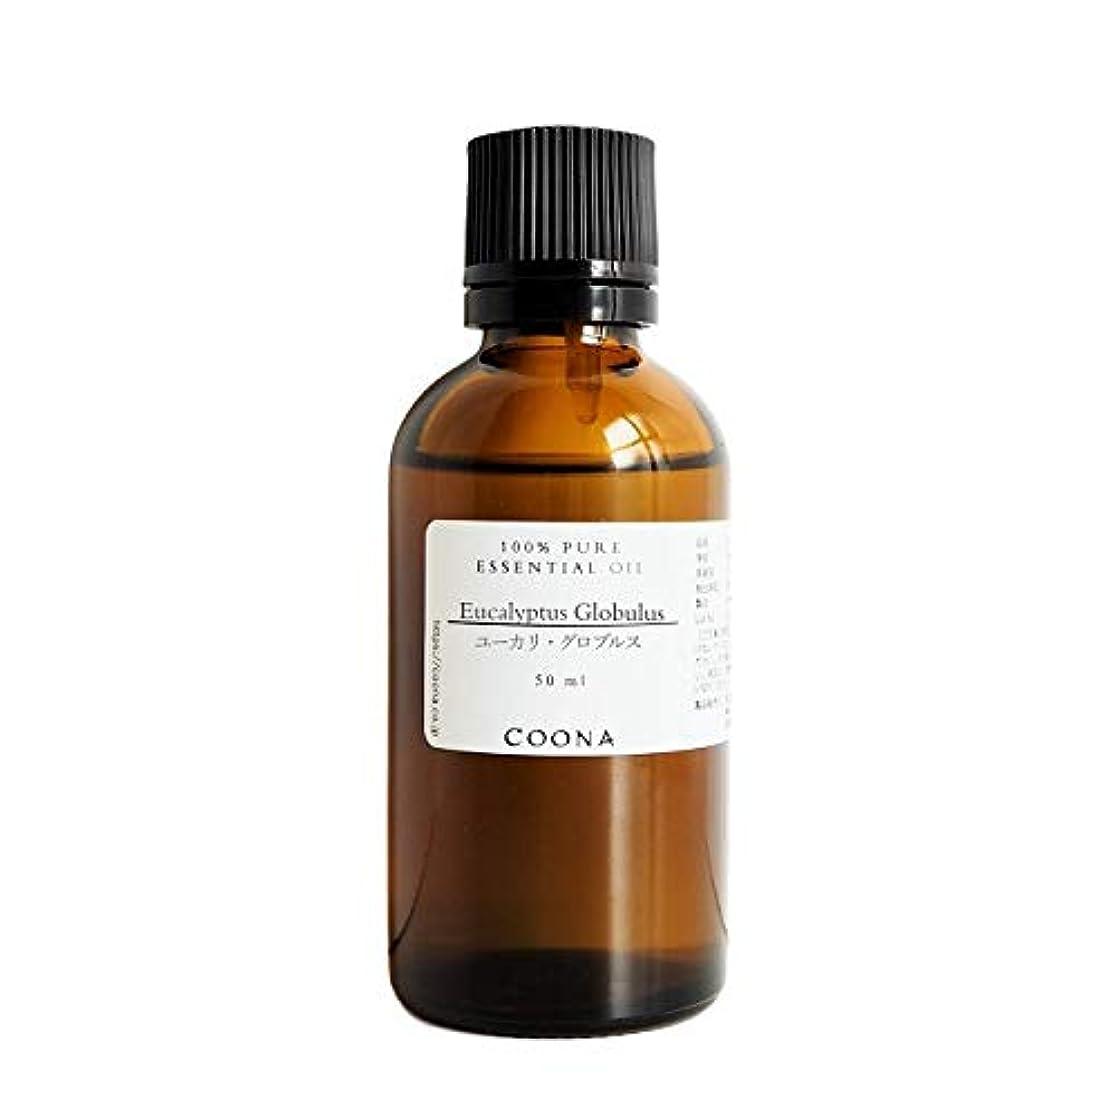 効果荷物故意のユーカリ グロブルス 50 ml (COONA エッセンシャルオイル アロマオイル 100%天然植物精油)